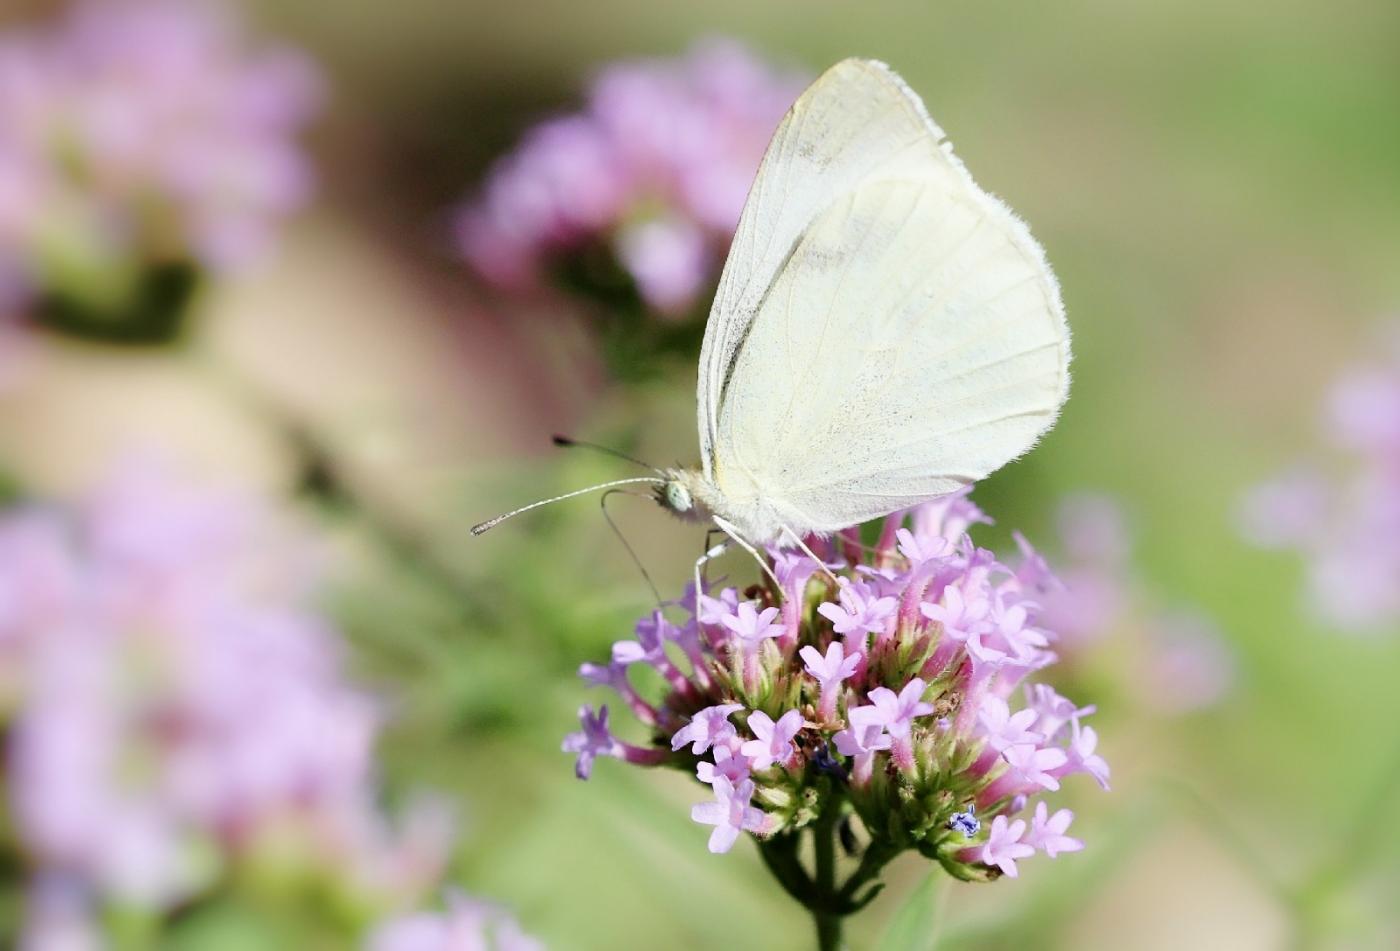 【田螺随拍】我院子里的蝴蝶_图1-6